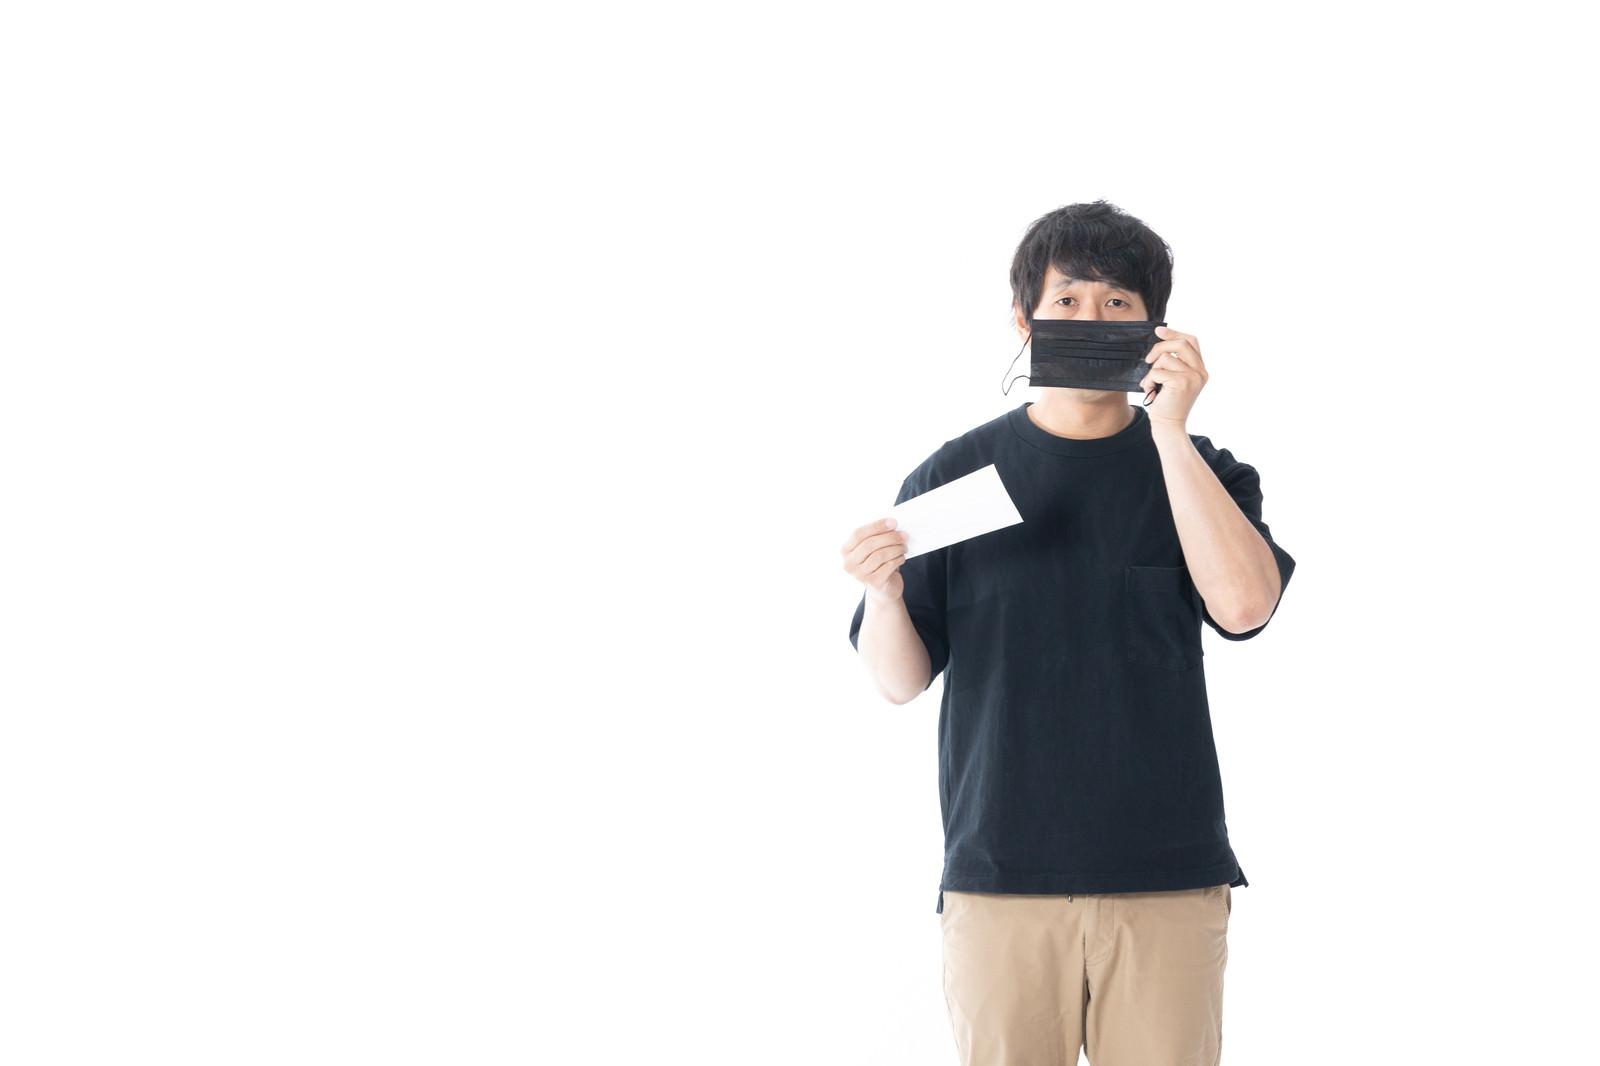 「最近よく目にする「黒マスク」ってどうなの?」の写真[モデル:大川竜弥]